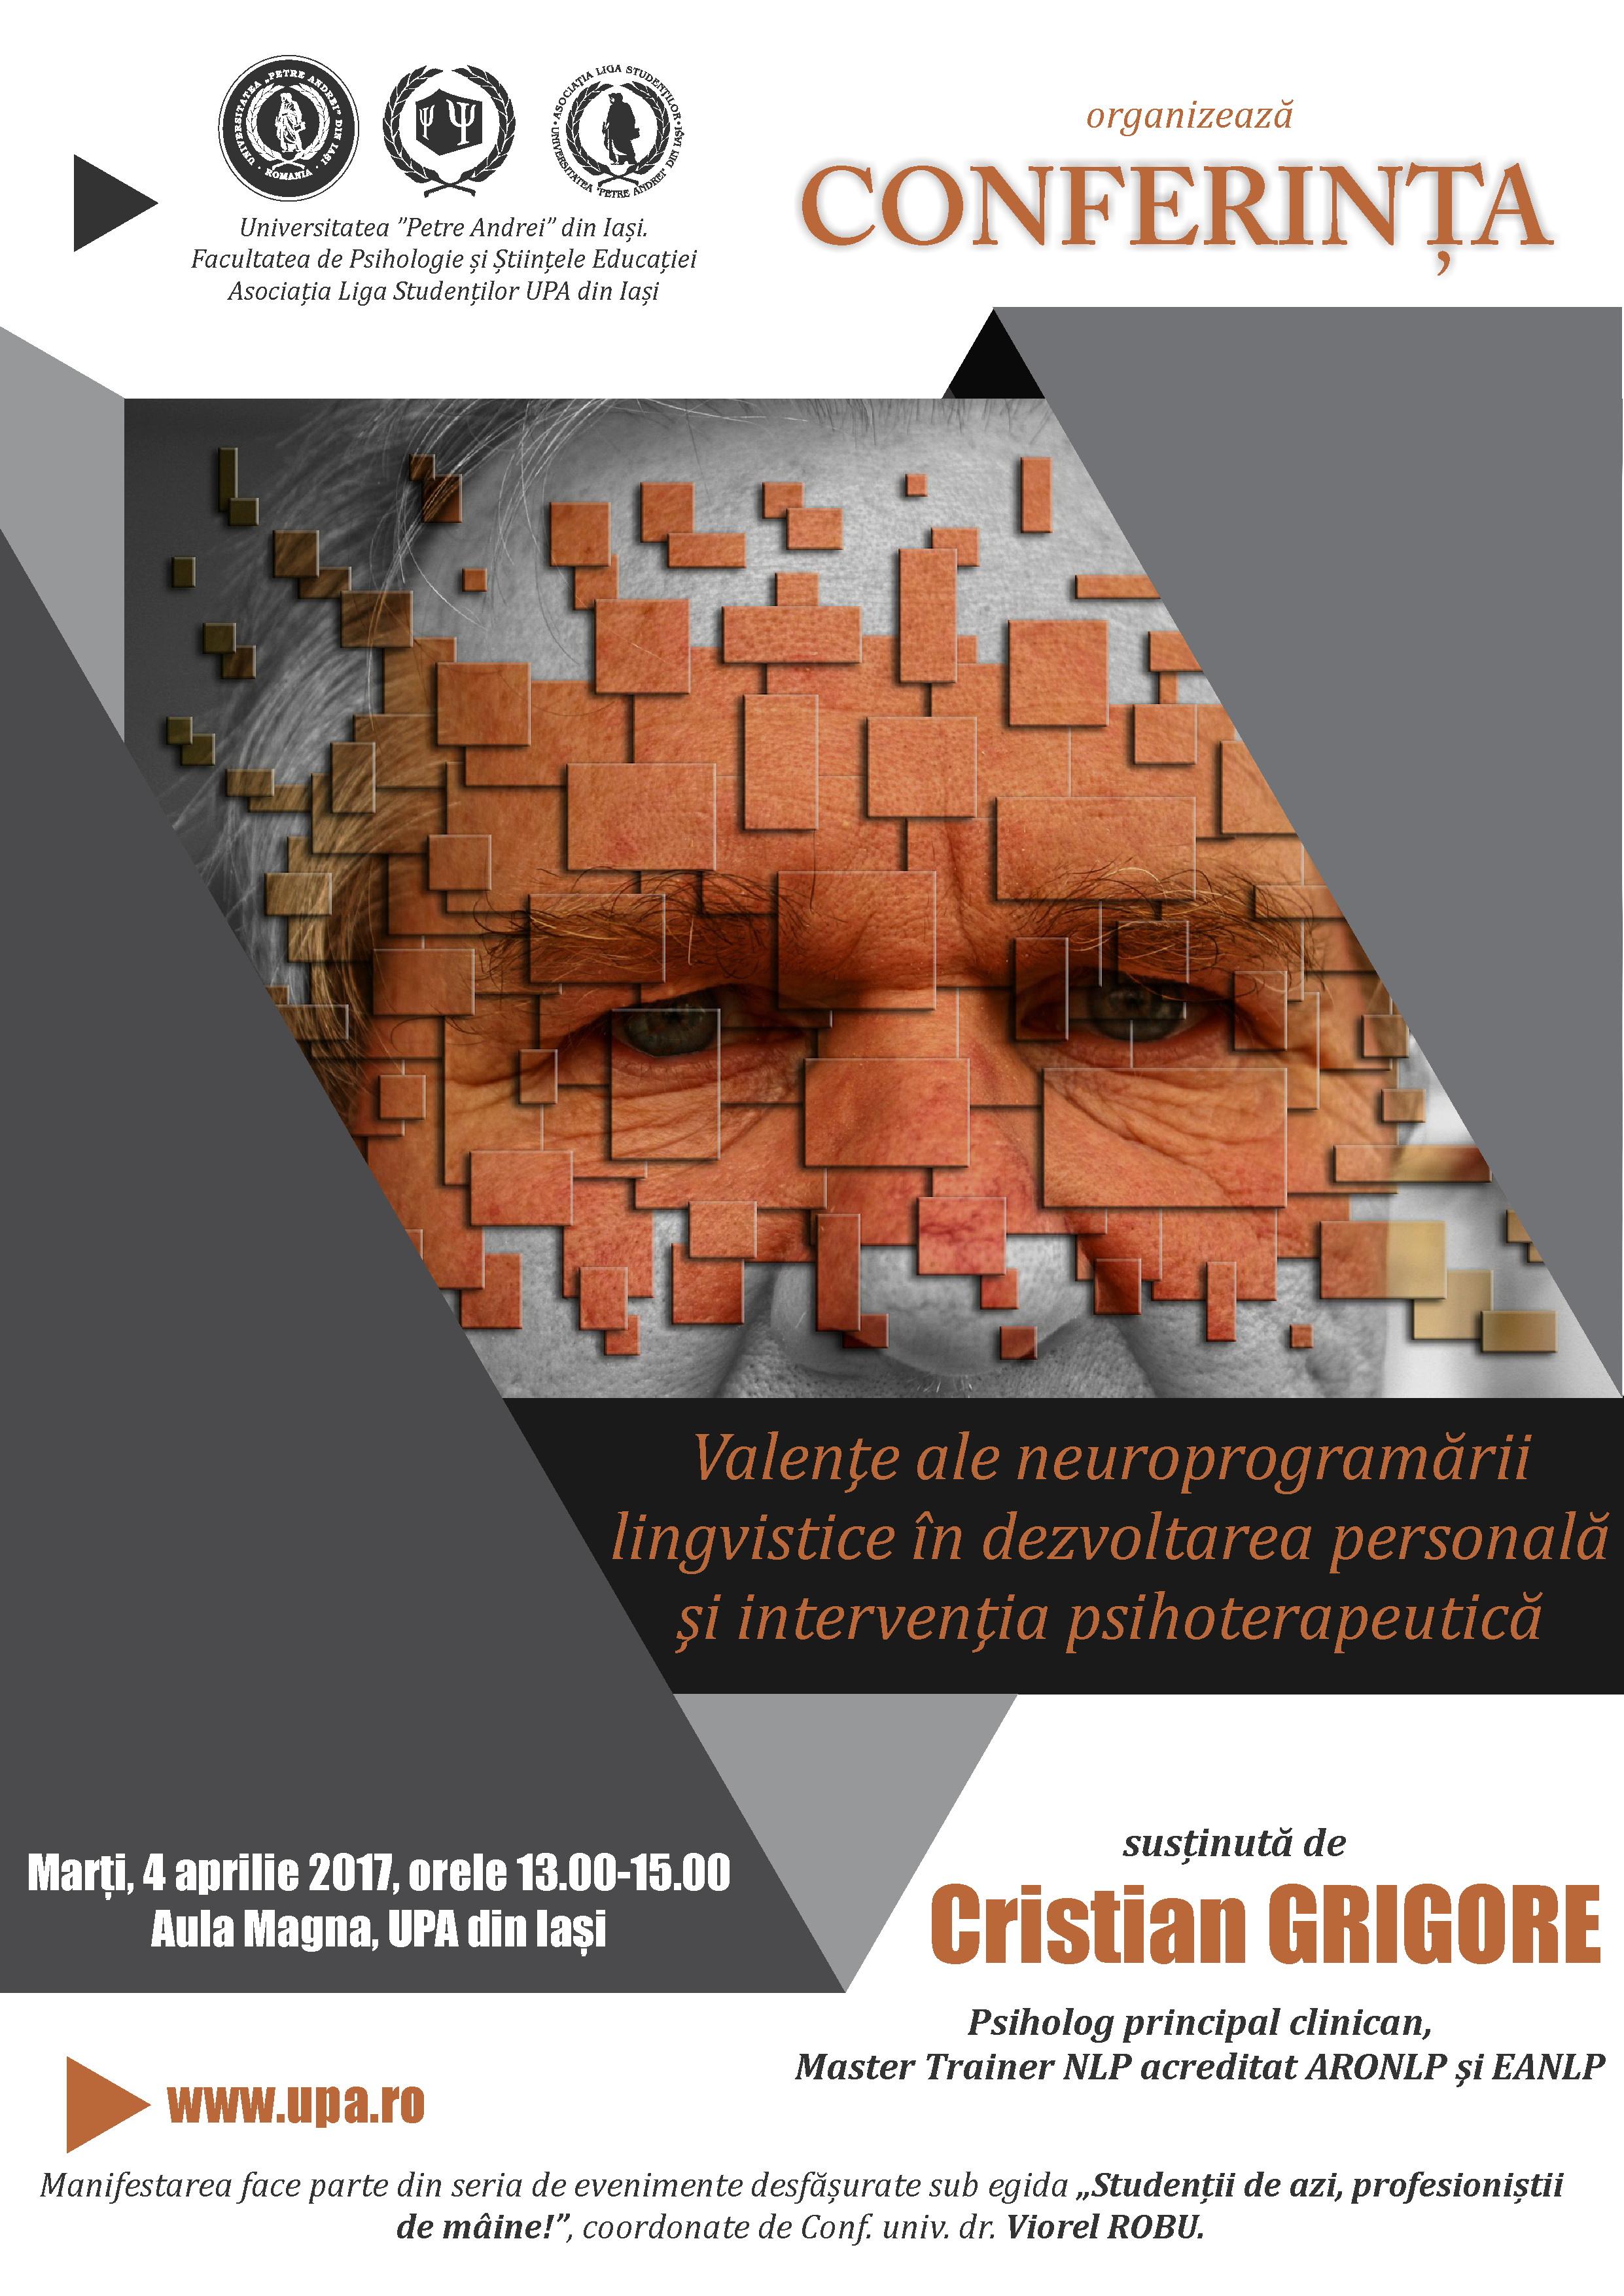 Conferință pe tema neuroprogramării lingvistice în dezvoltarea personală și intervenția psihoterapeutică, la UPA